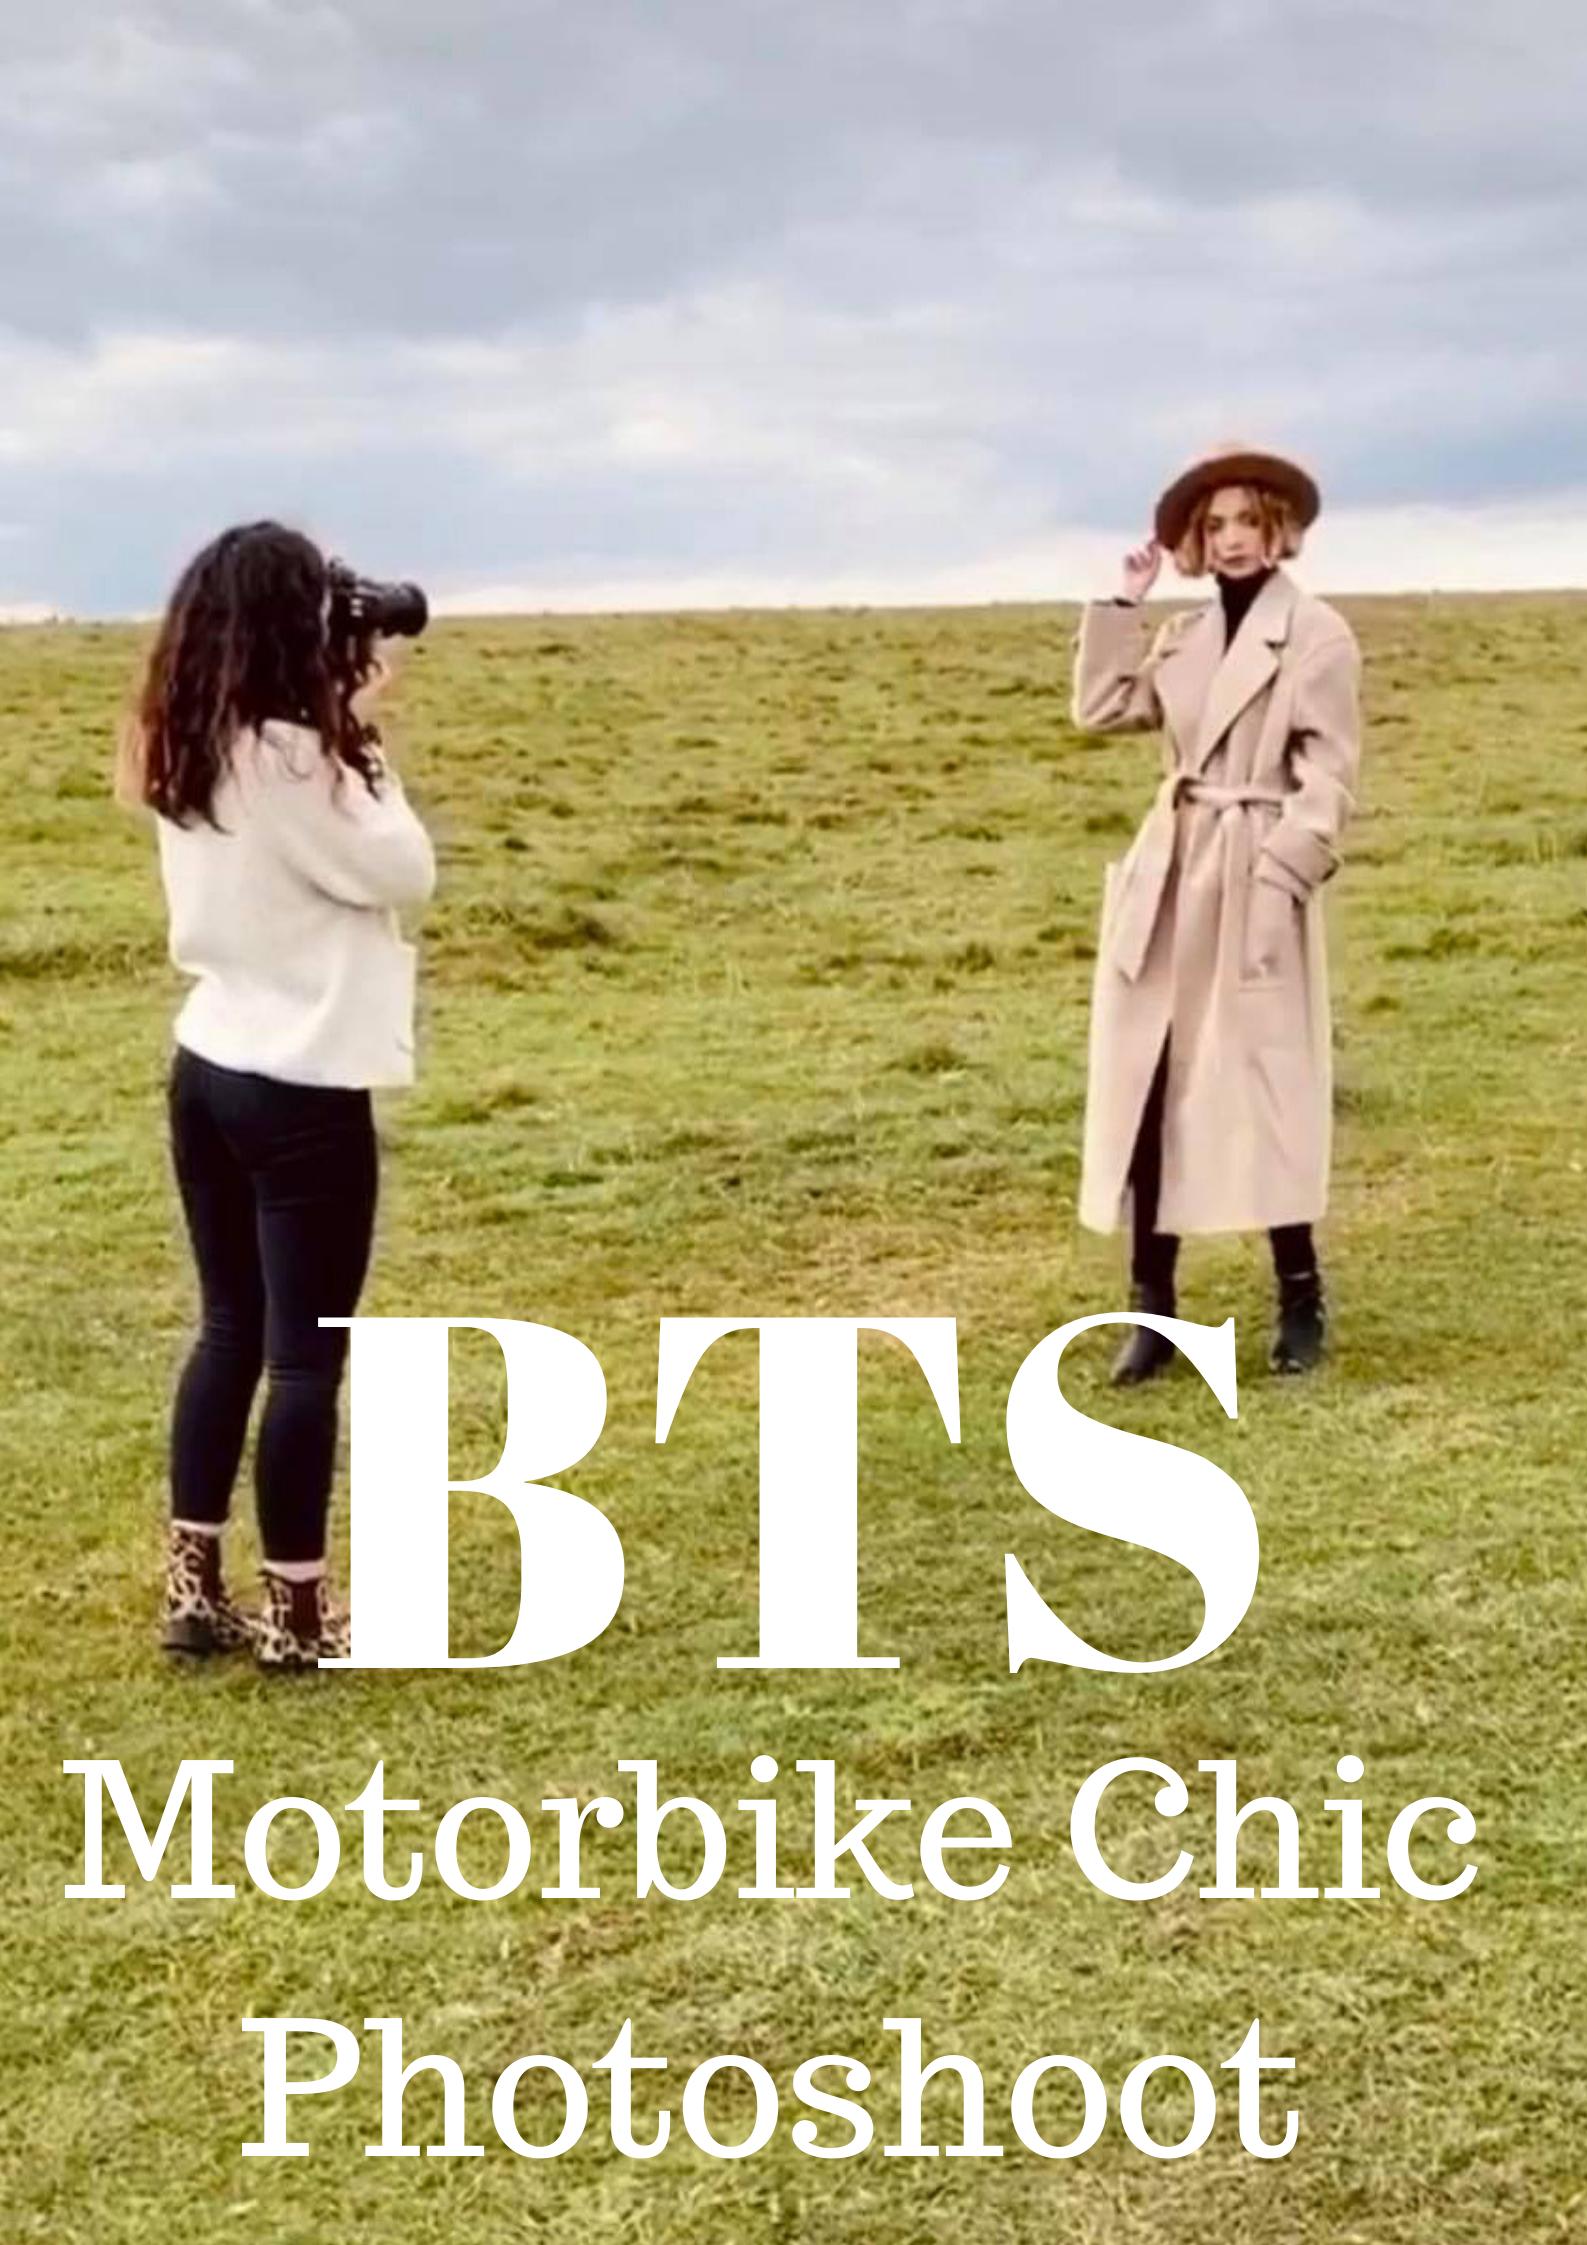 Motorbike Chic Cotswold Fashion Photoshoot Tyla Paton Florence Wear MUA Grace Delnevo Photography